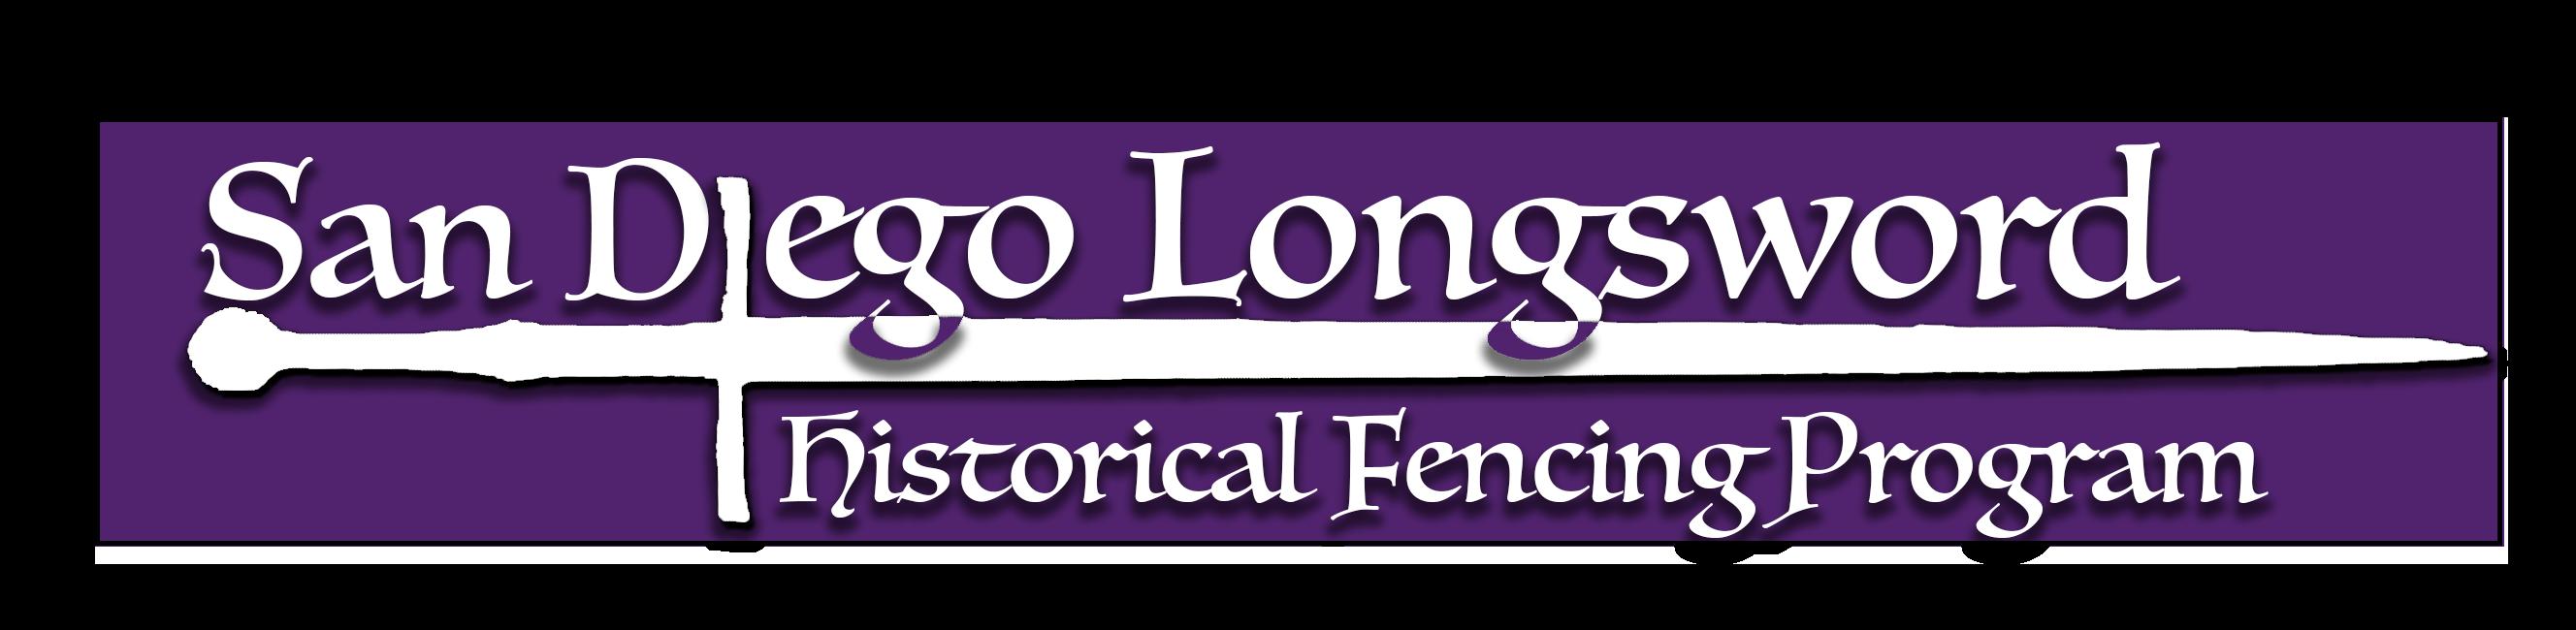 San Diego Longsword Online